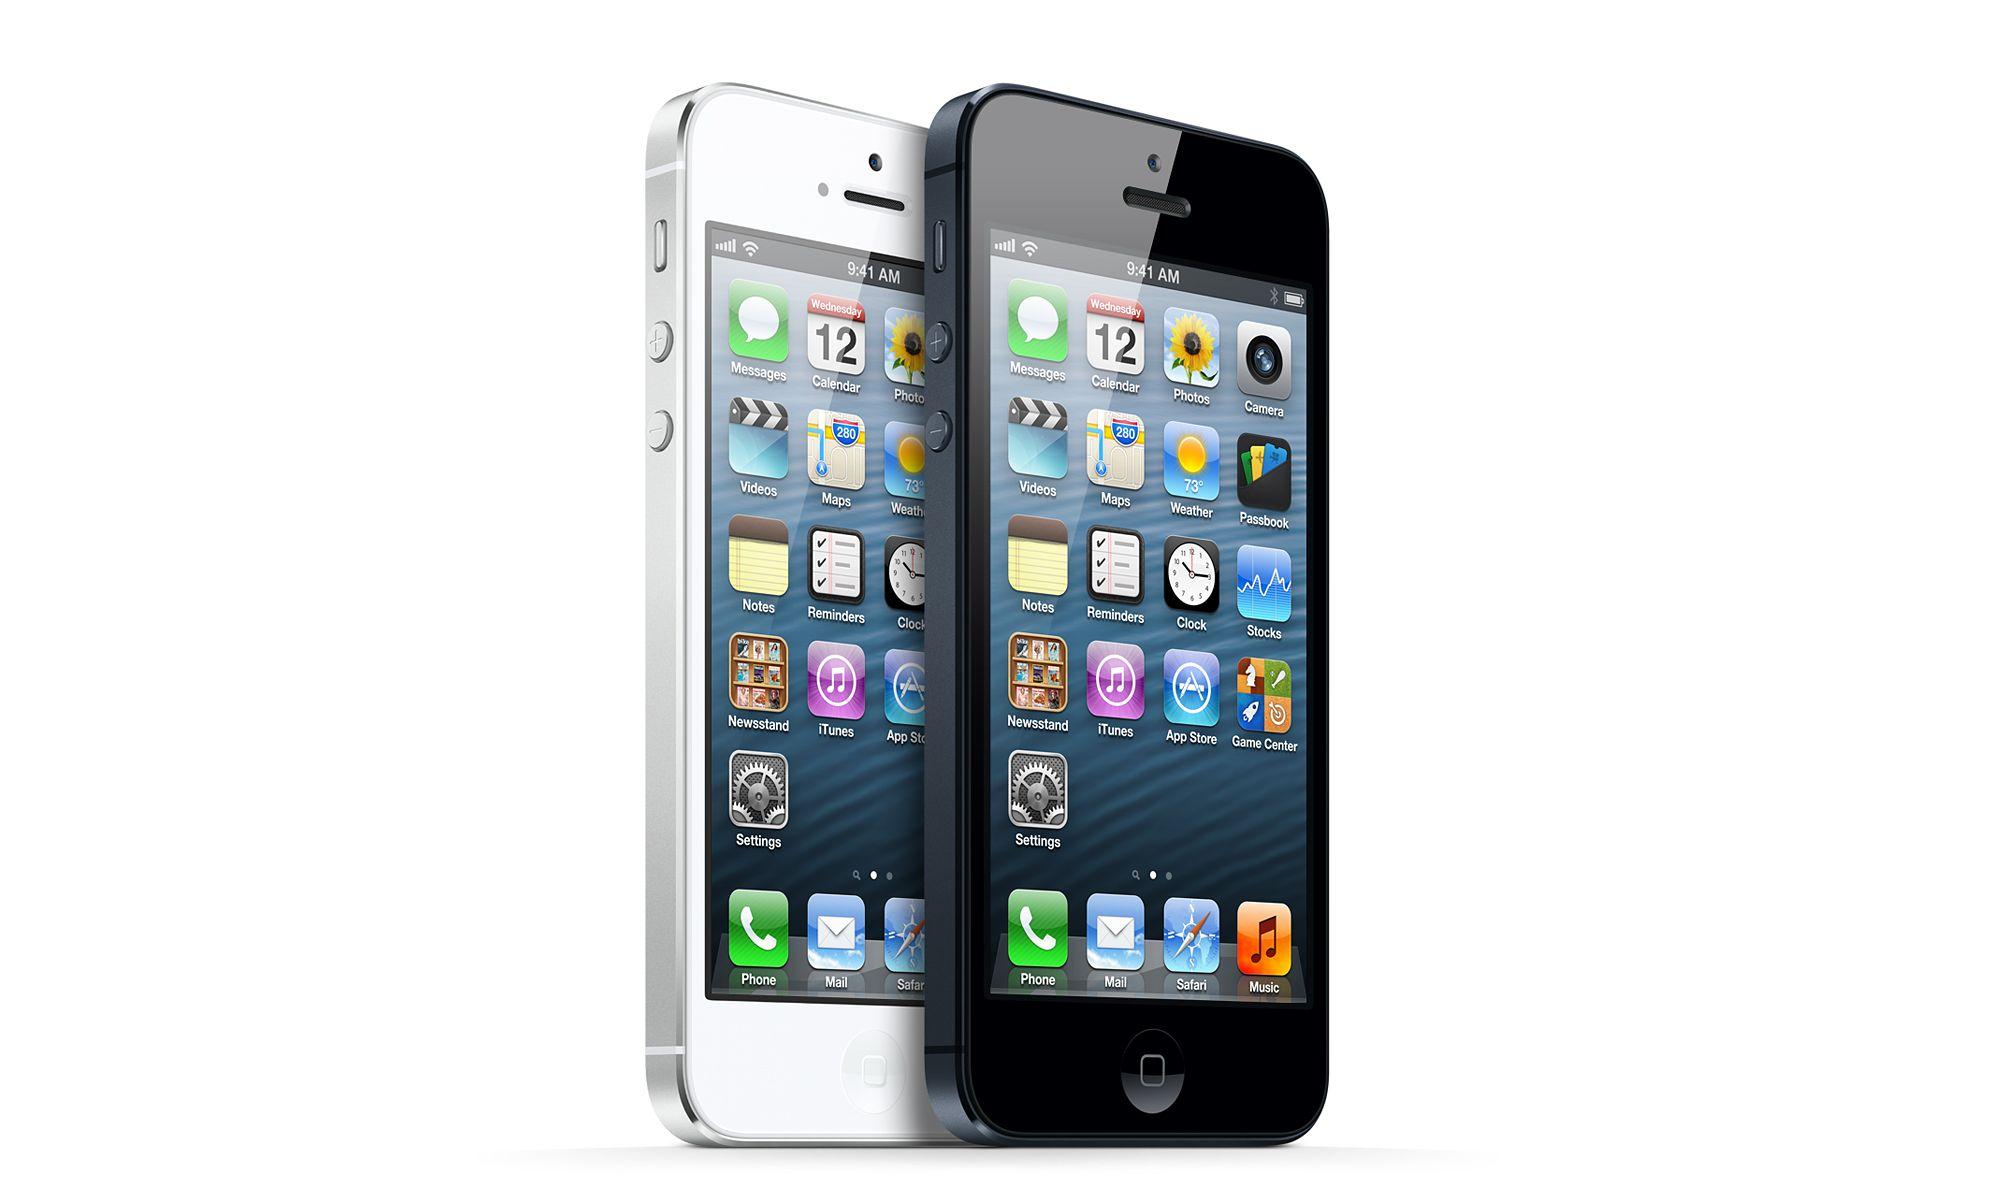 [쿠도 칼럼] 아이폰 5: 멋진 제품과 혁신 사이의 괴리감